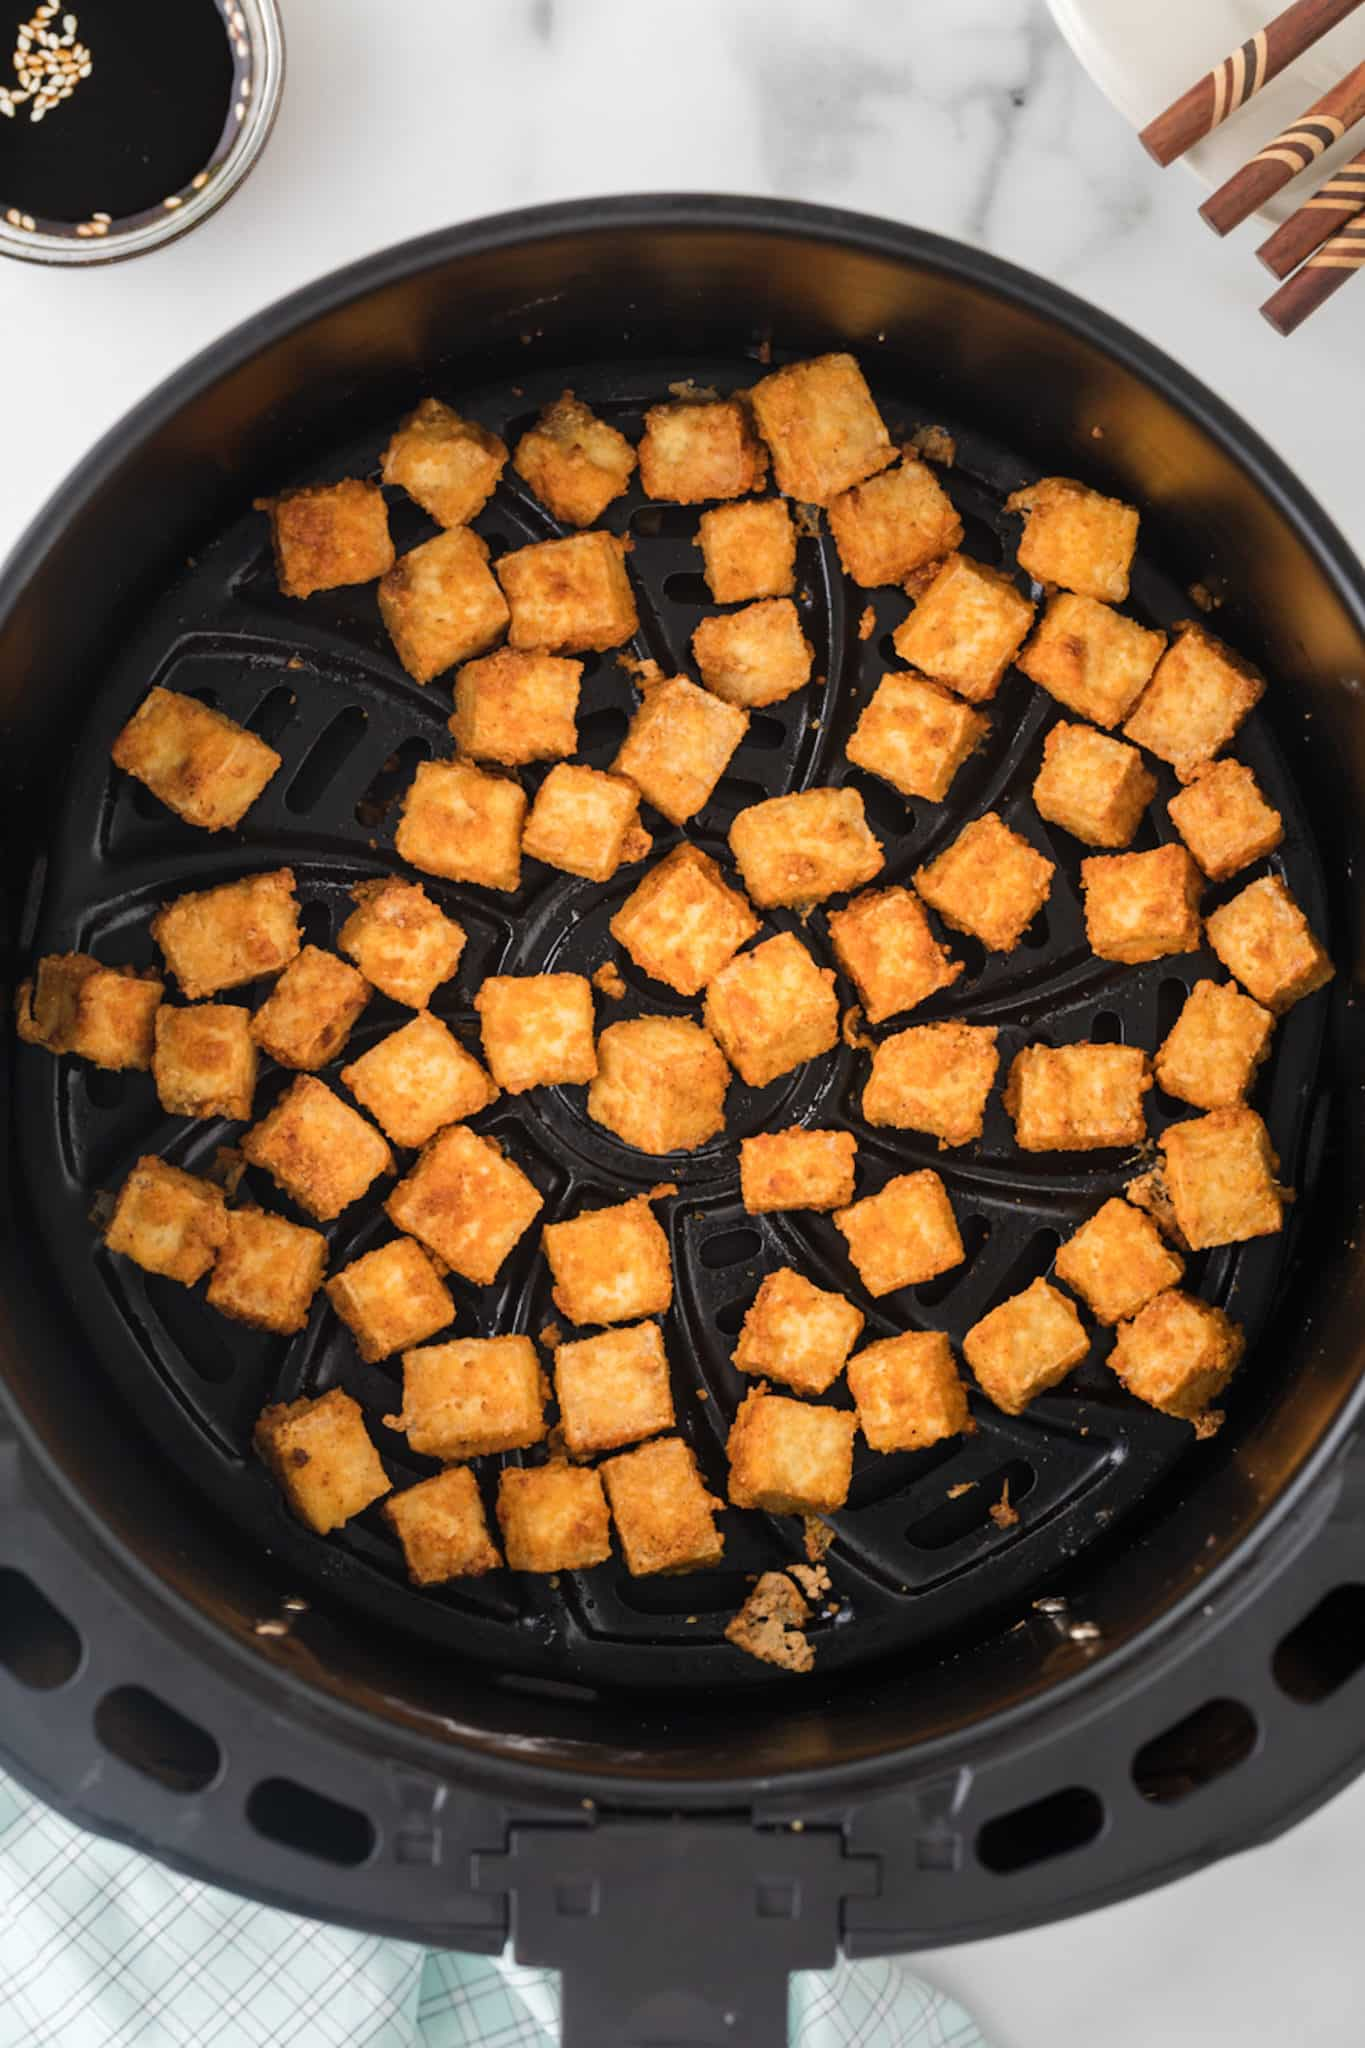 crispy tofu in air fryer basket